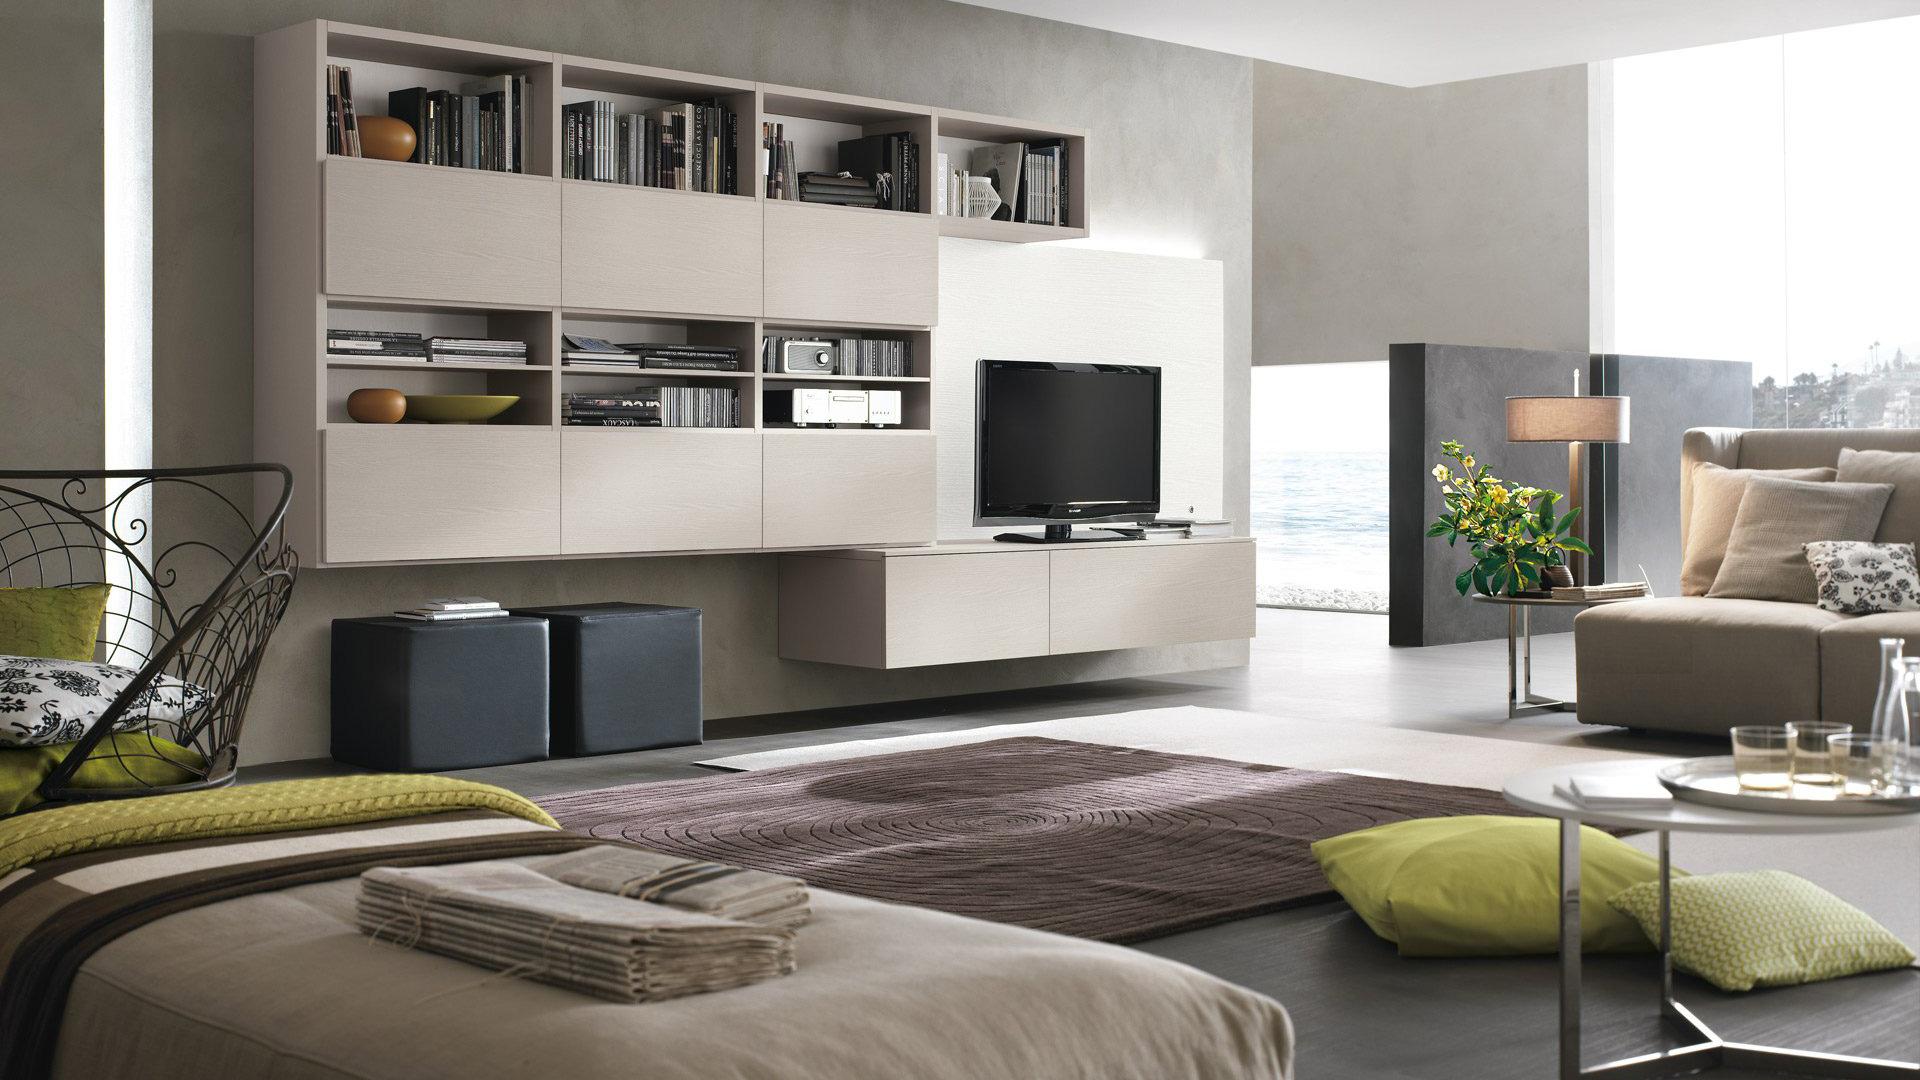 Arredamenti e idee per la casa arredamenti e forniture for Soluzioni di arredo per soggiorni